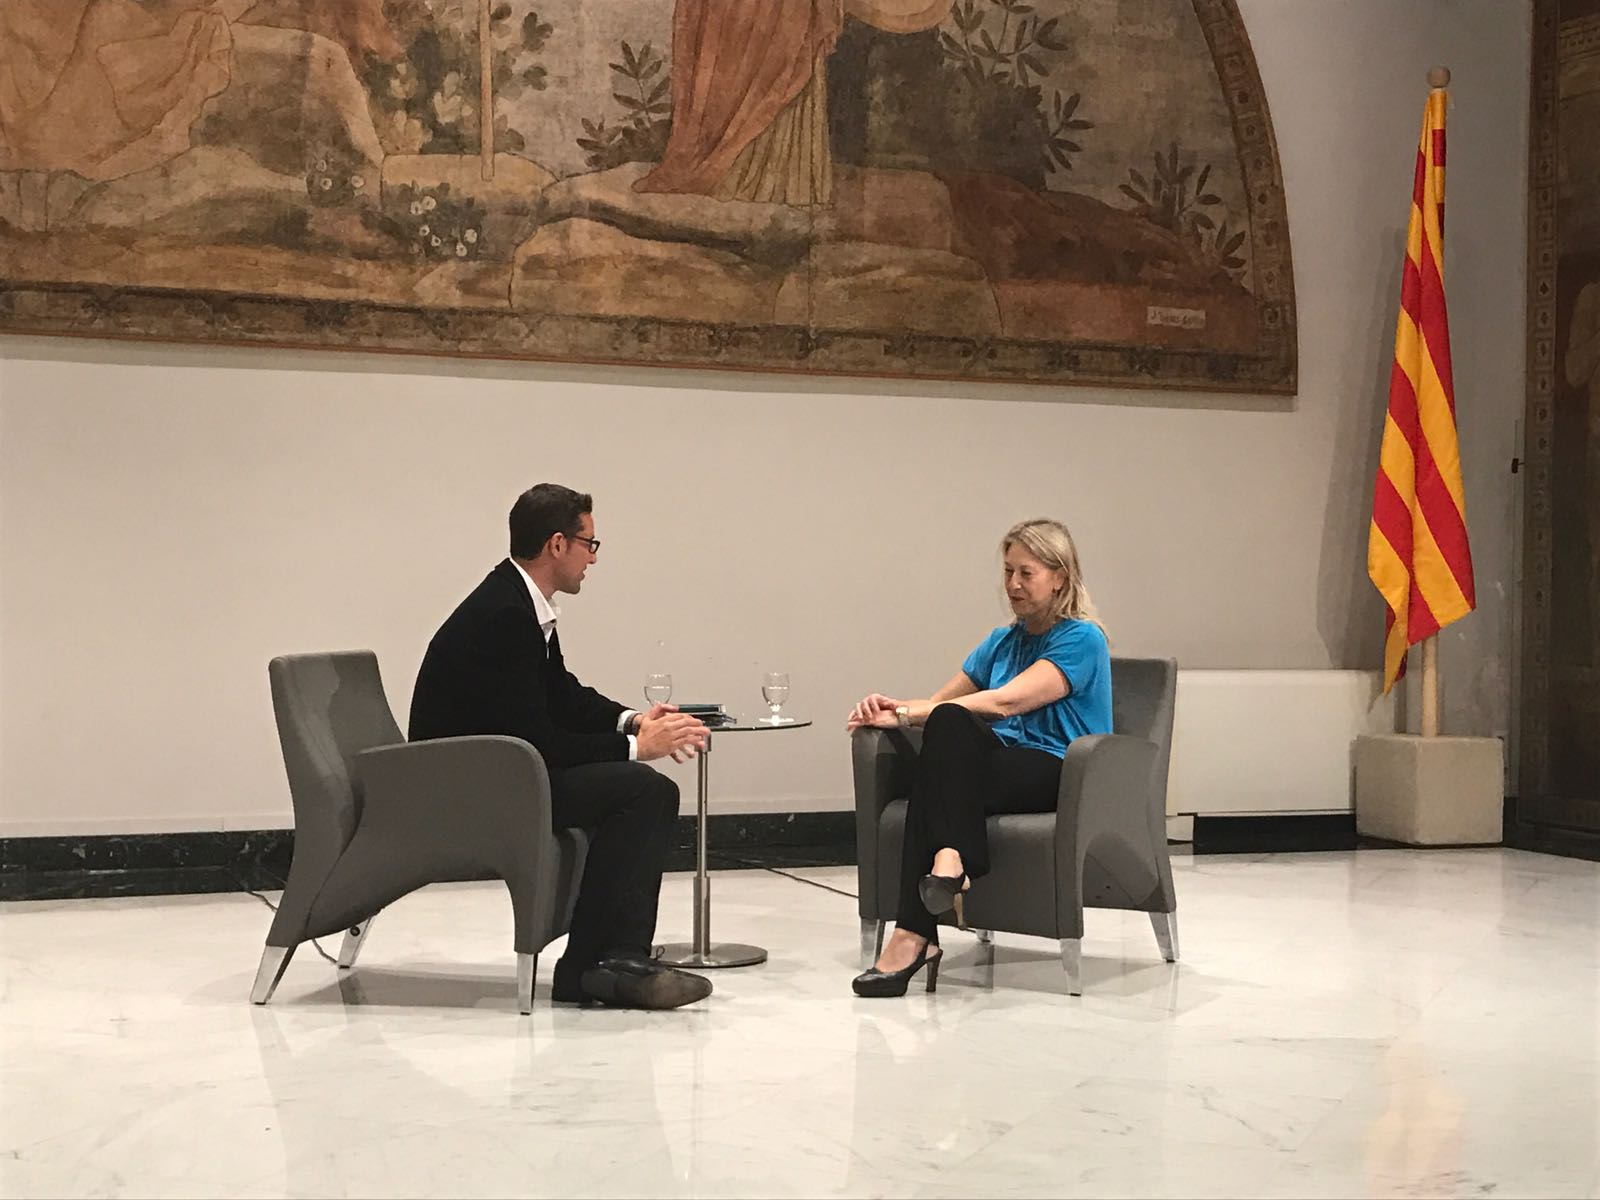 Entrevista a Neus Munté, consellera de la Presidència i portaveu del govern